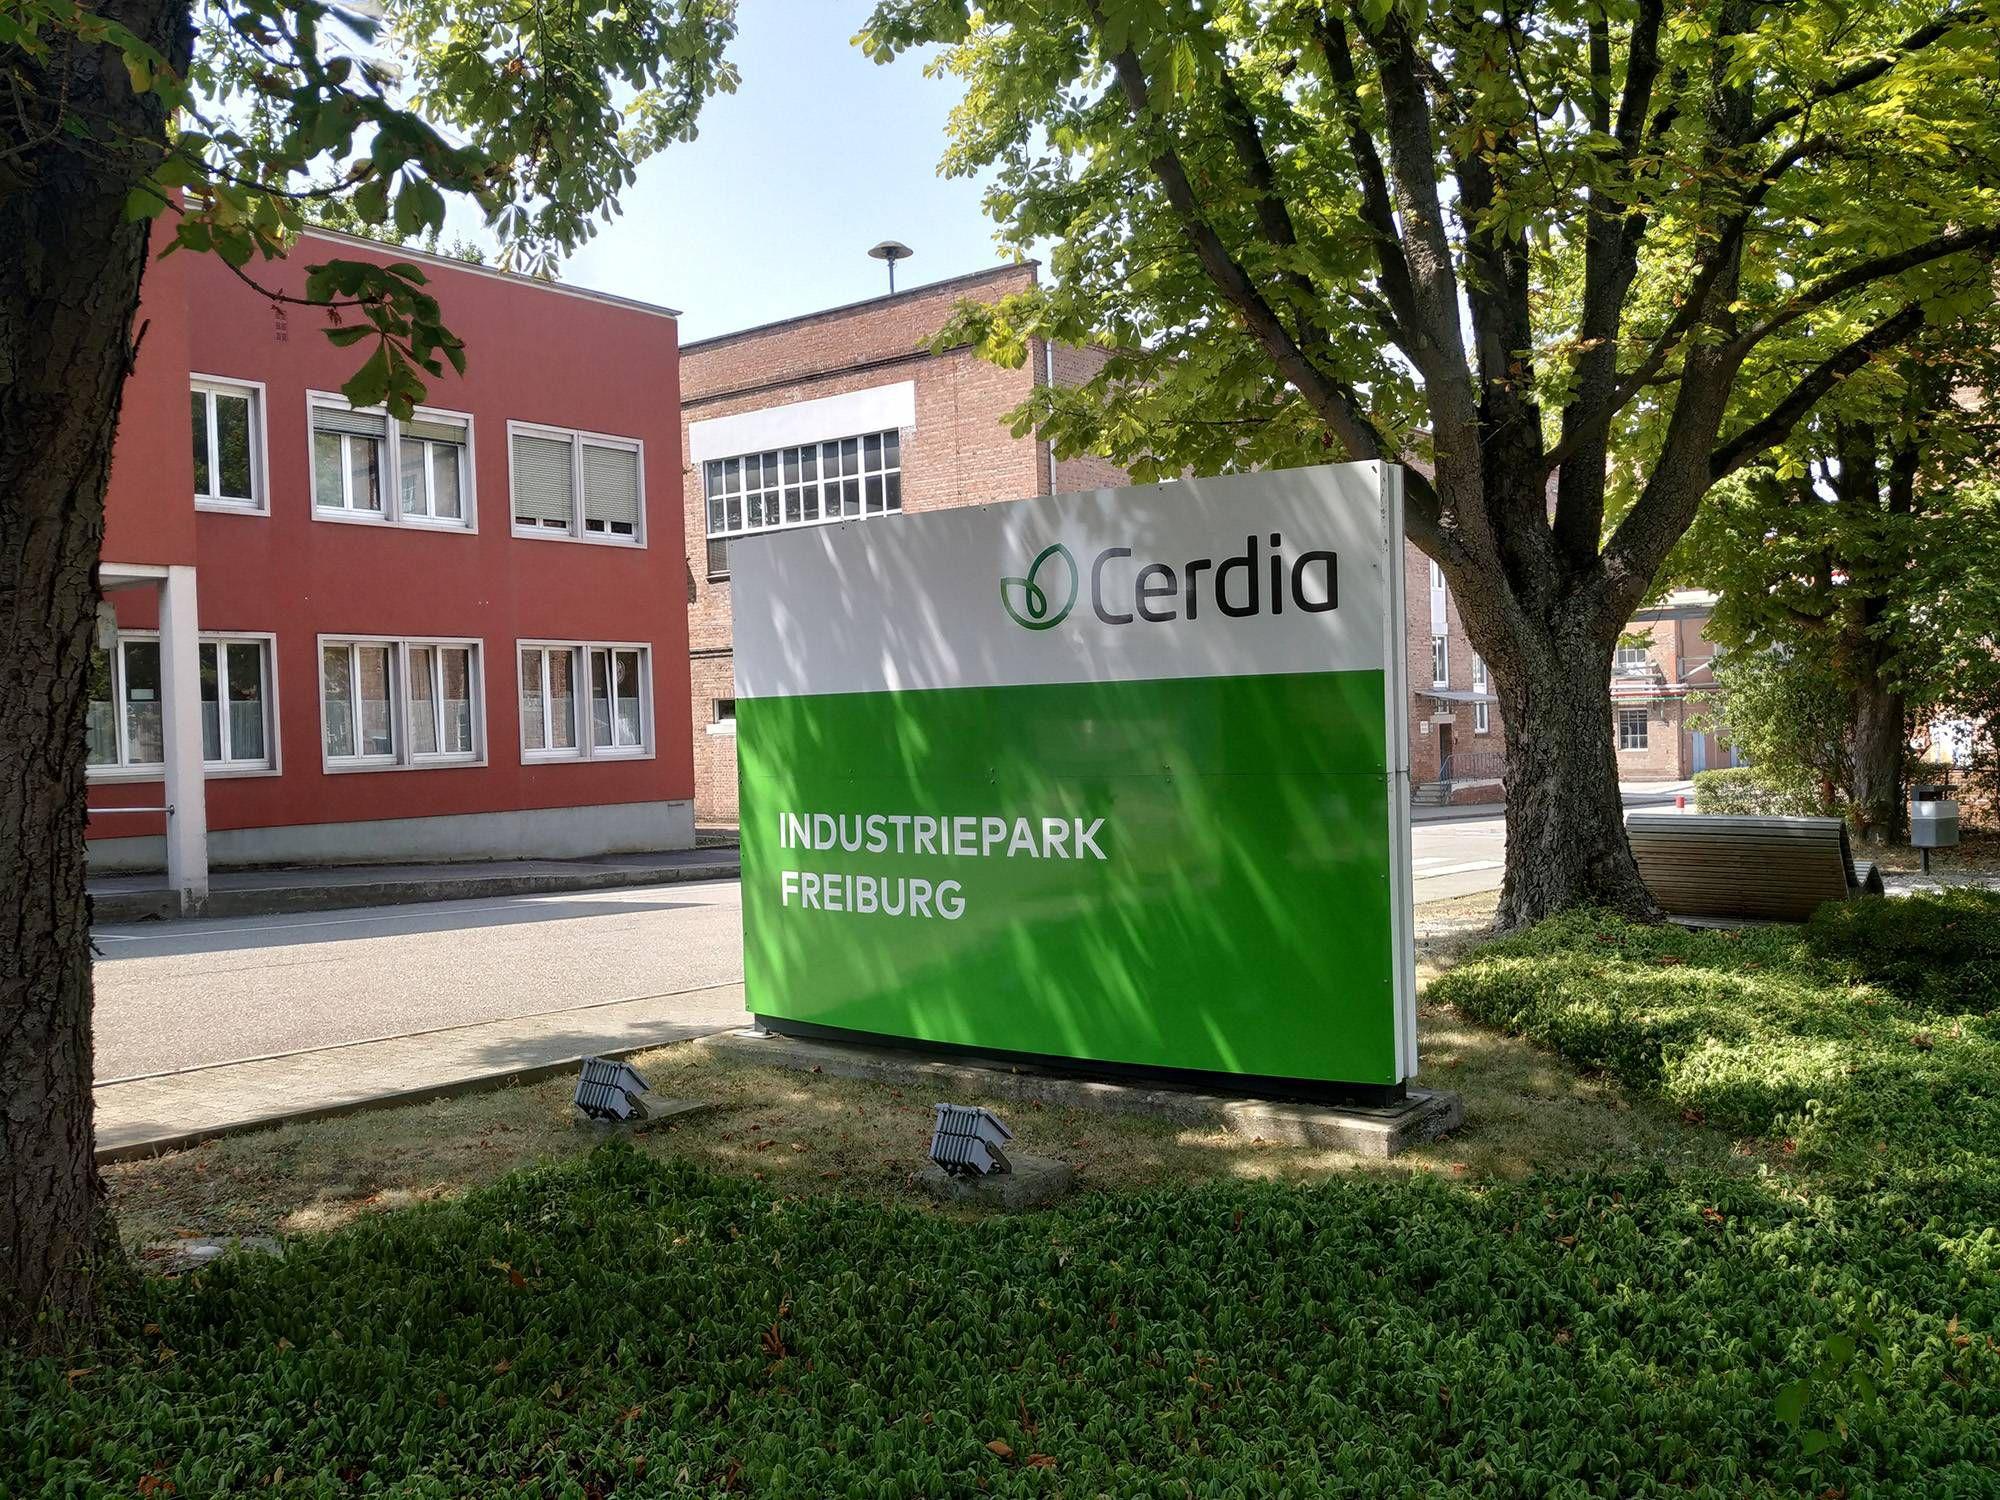 Cerdia building